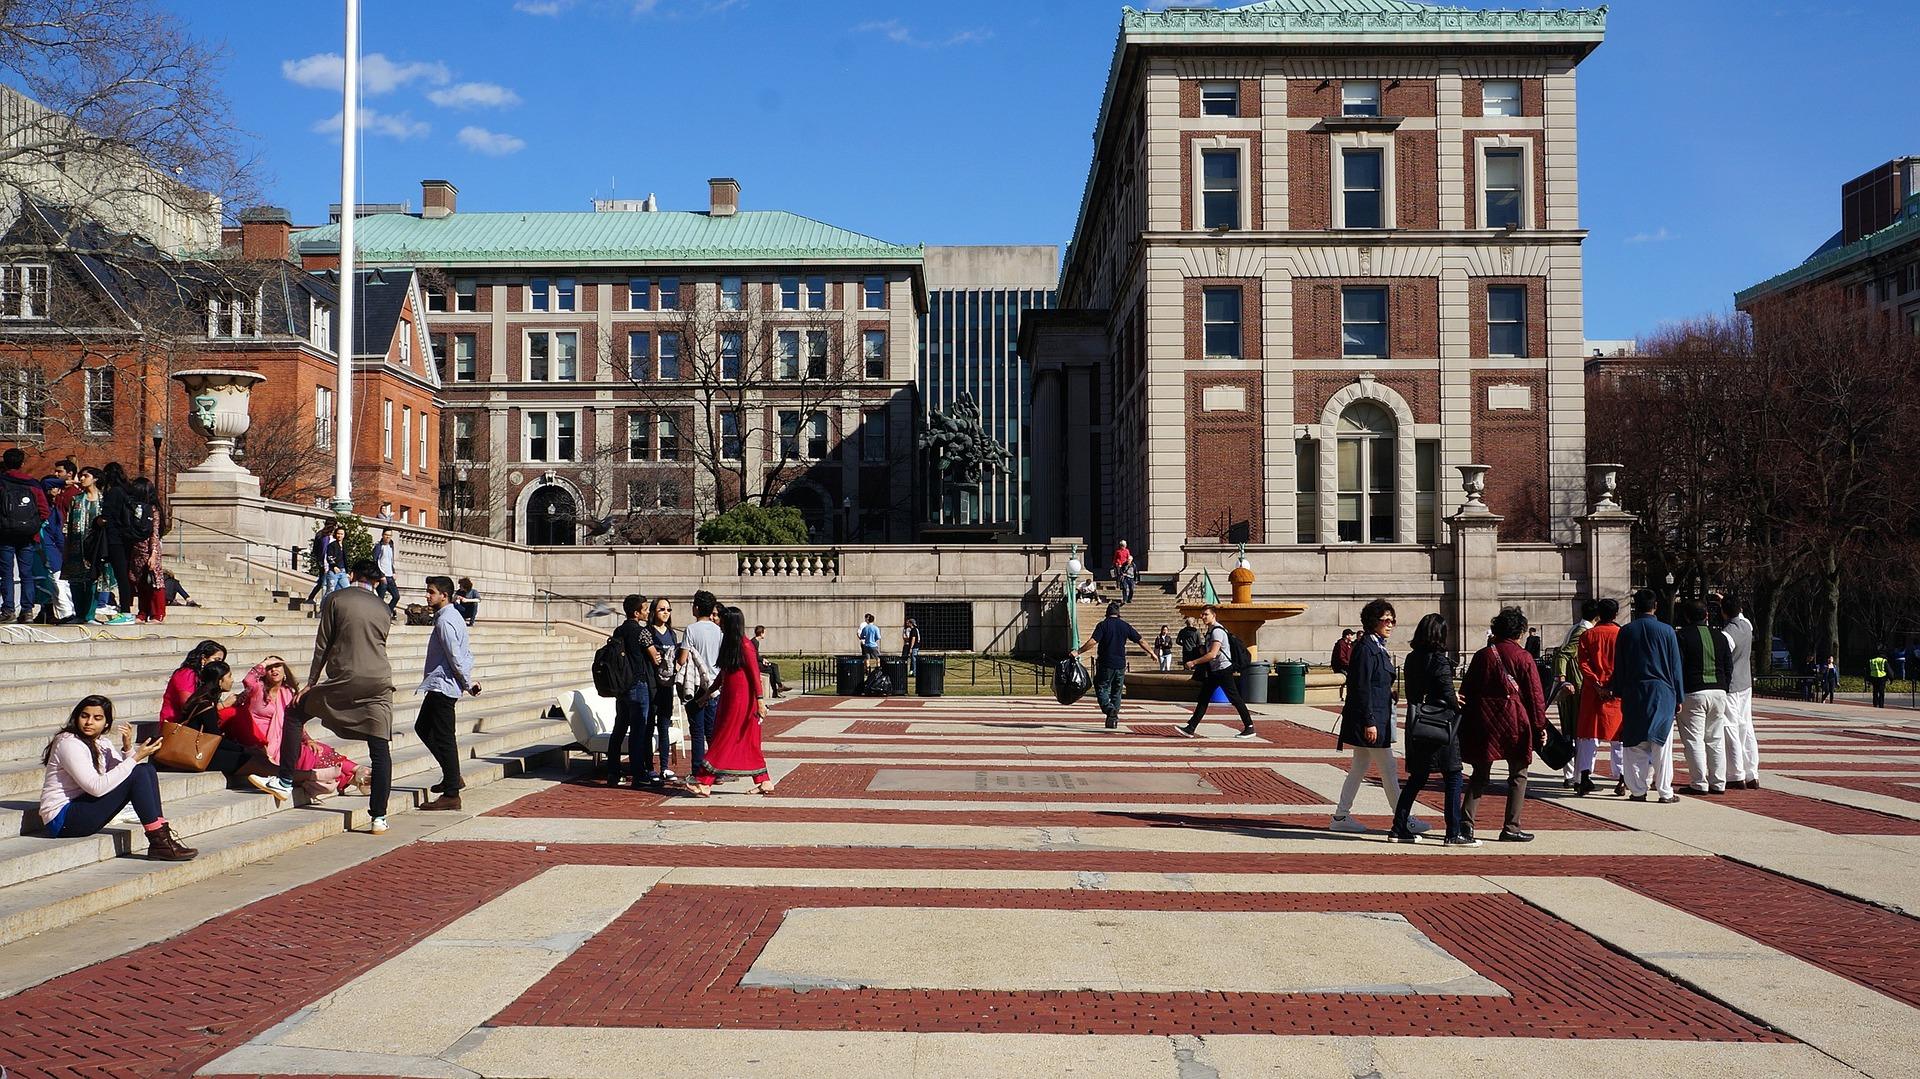 Por dentro da Universidade Columbia